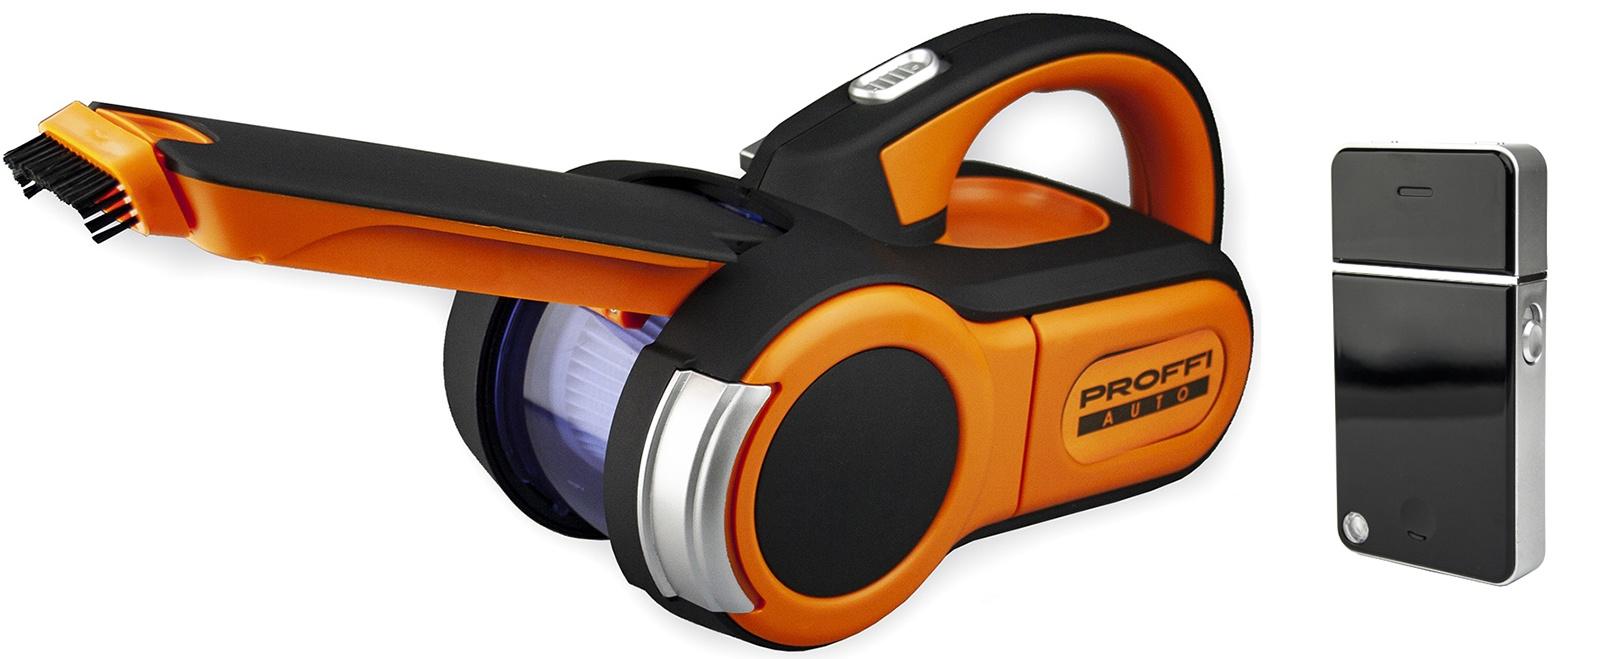 Электробритва PROFFI ISHAVE с USB-зарядкой и пылесос автомобильный PA0327 (AUTO «Титан»), черный, оранжевый, серый автомобильный пылесос proffi auto pa0329